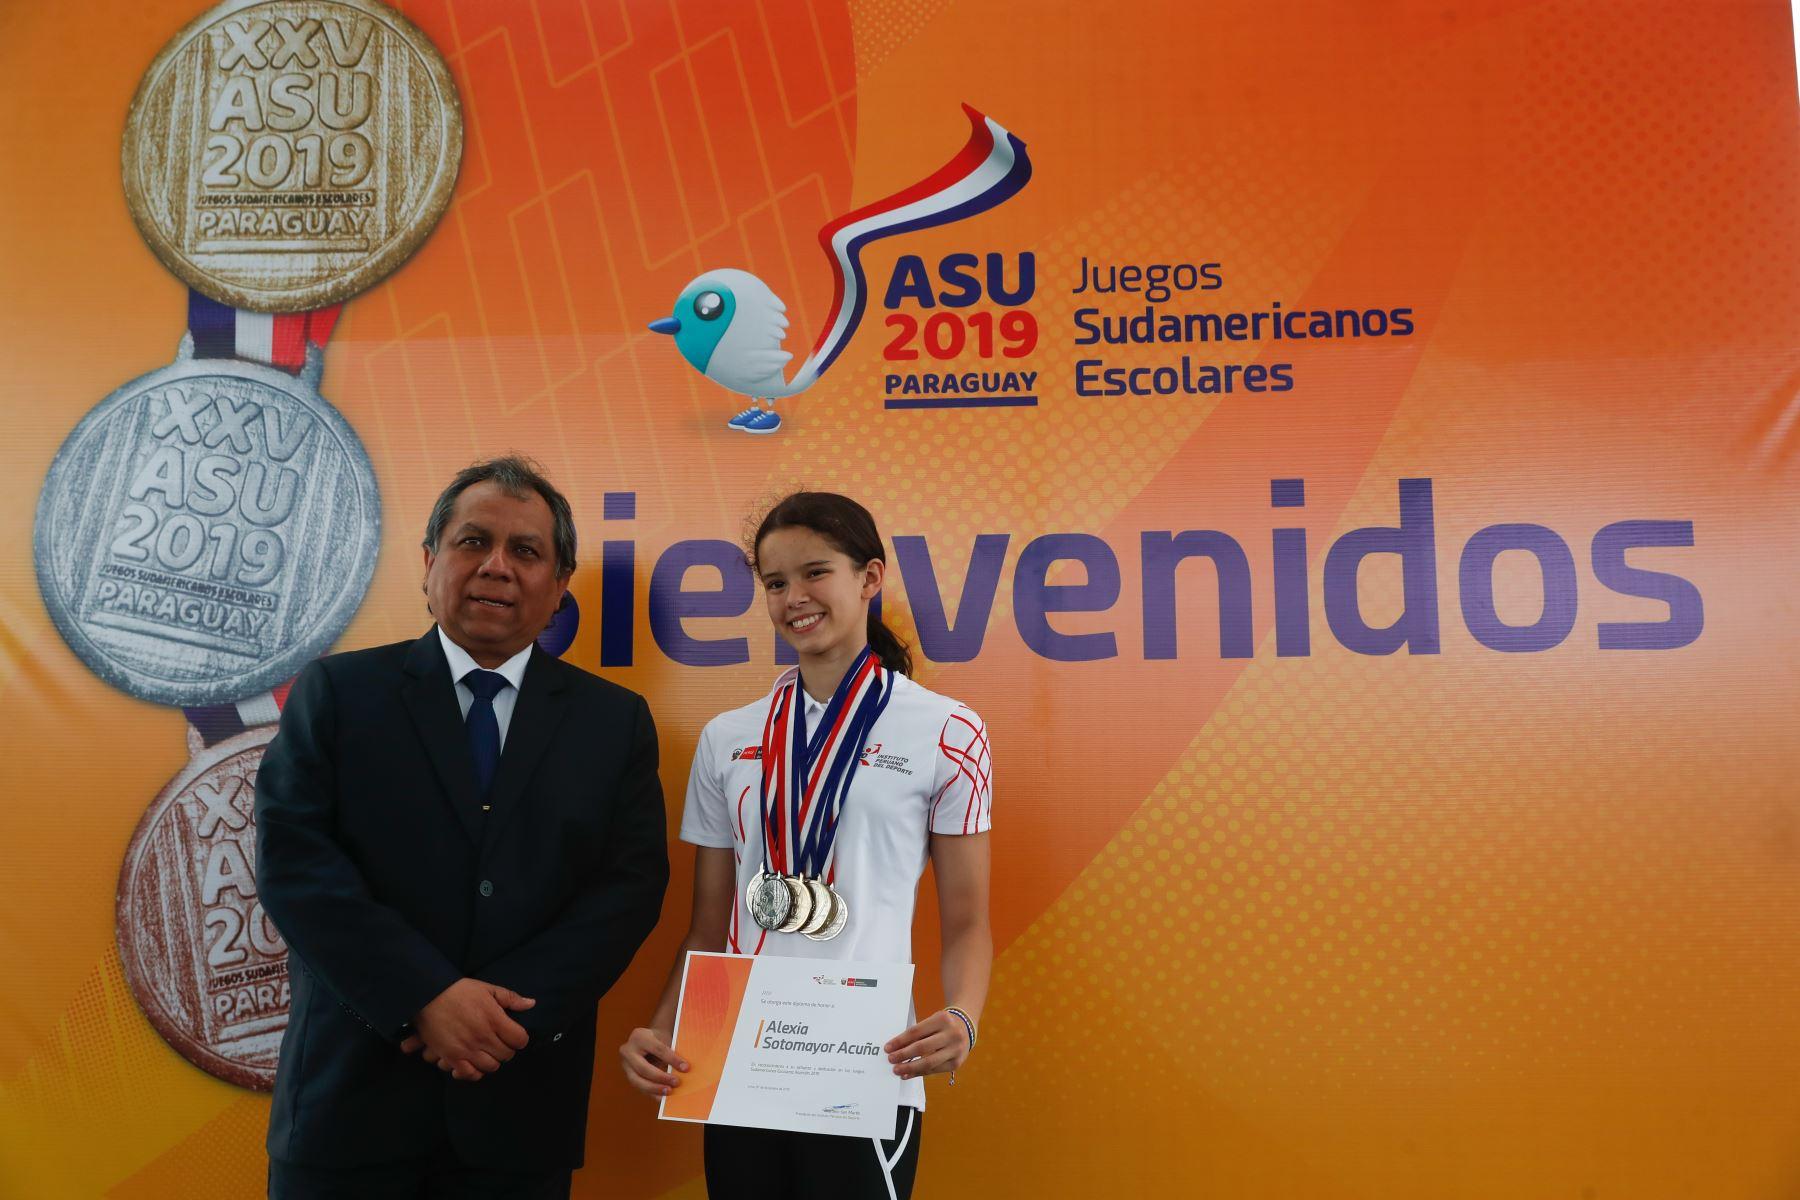 Vice ministro, Guido  Rospigliosi brinda reconocimiento a delegación de  participantes de los Juegos Sudamericanos Escolares Asunción 2019. Foto: ANDINA/Renato Pajuelo